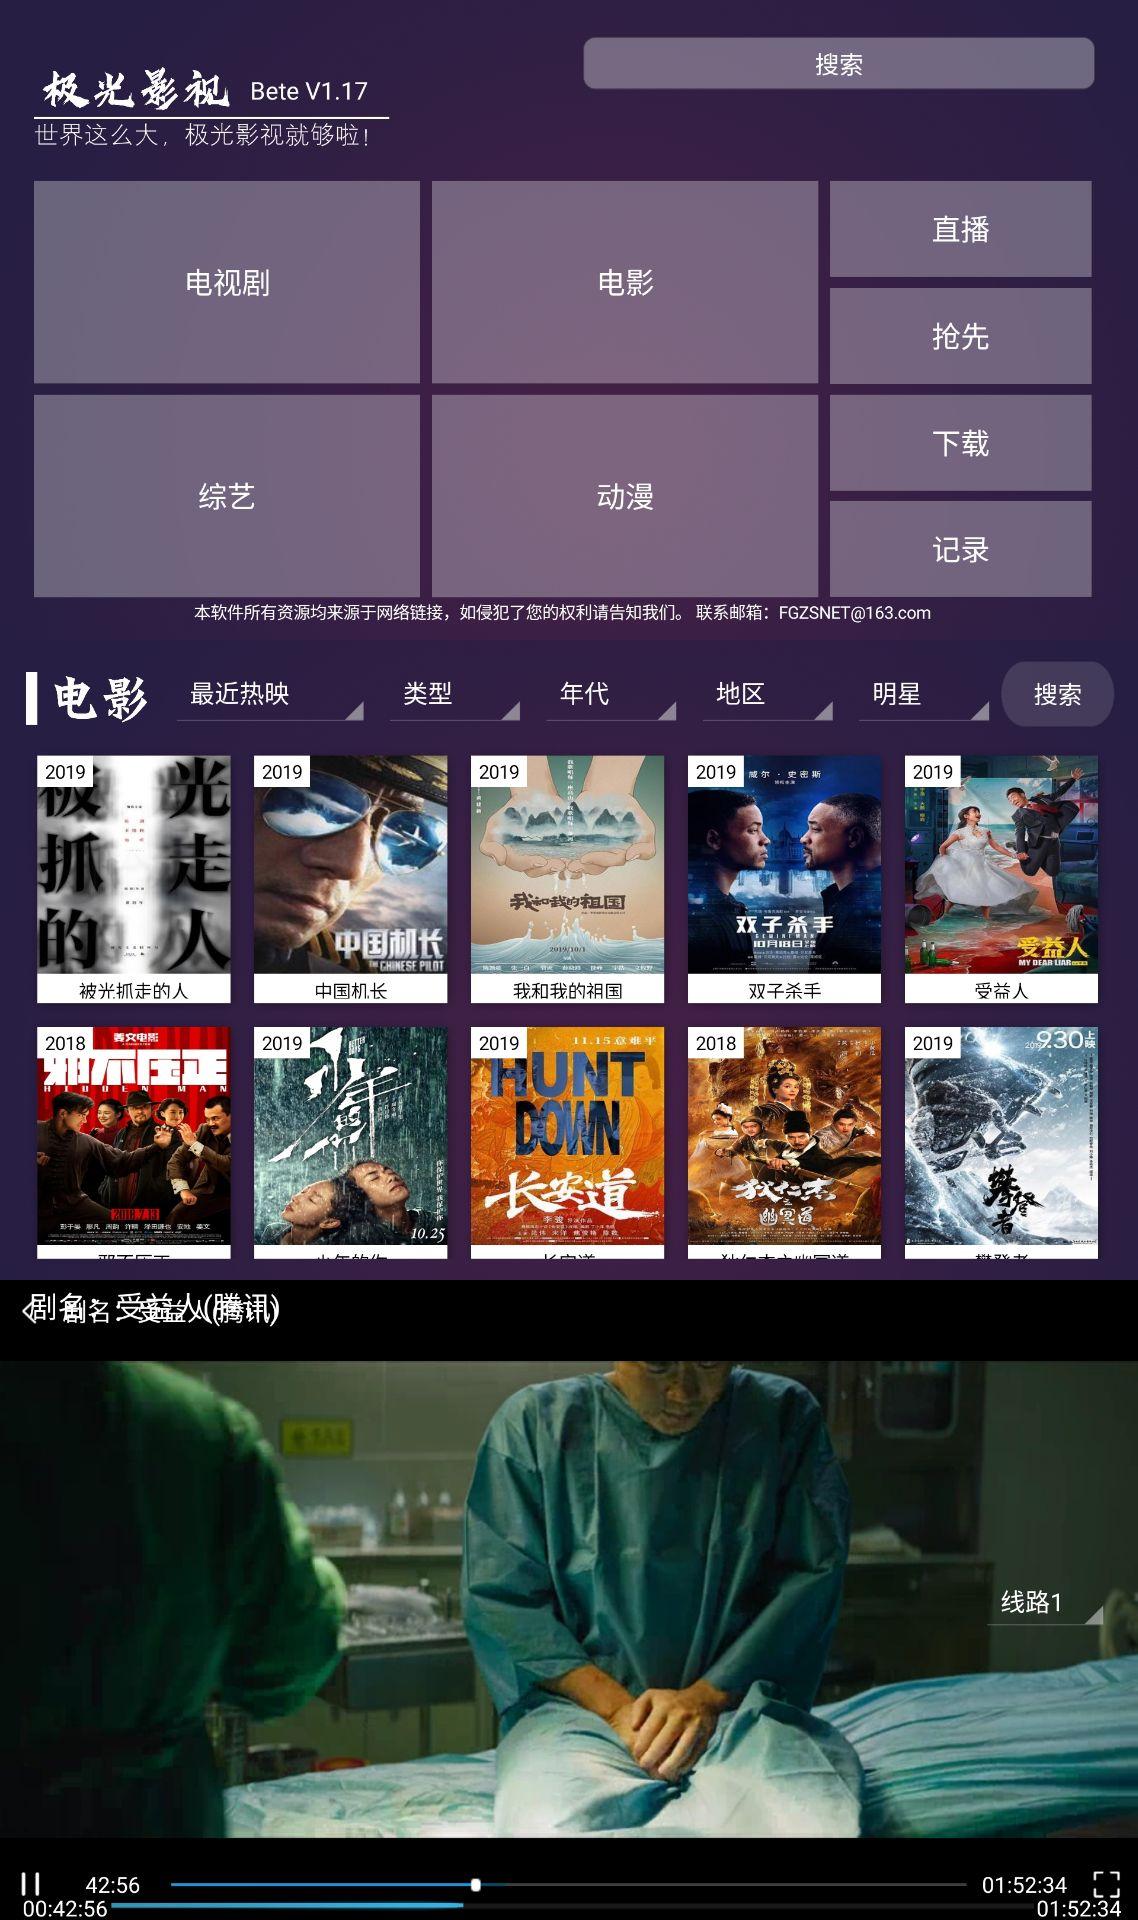 极光TV v1.17/资源丰富 分类详细 超多题材 超清流畅无广告